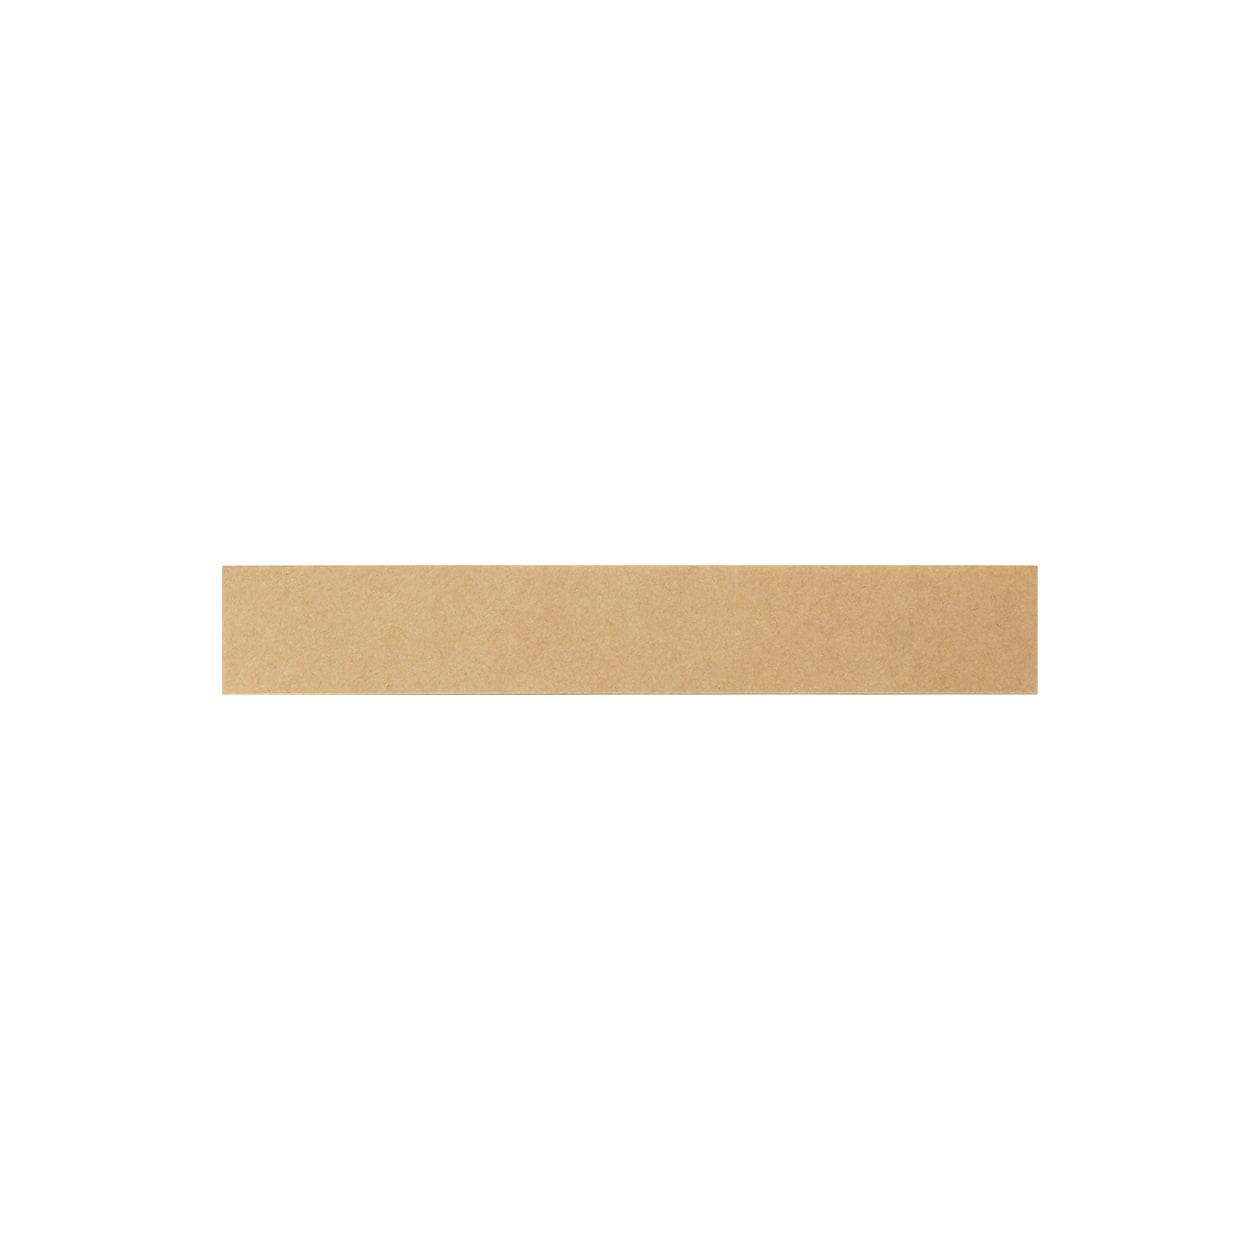 サンプル カード・シート 00421